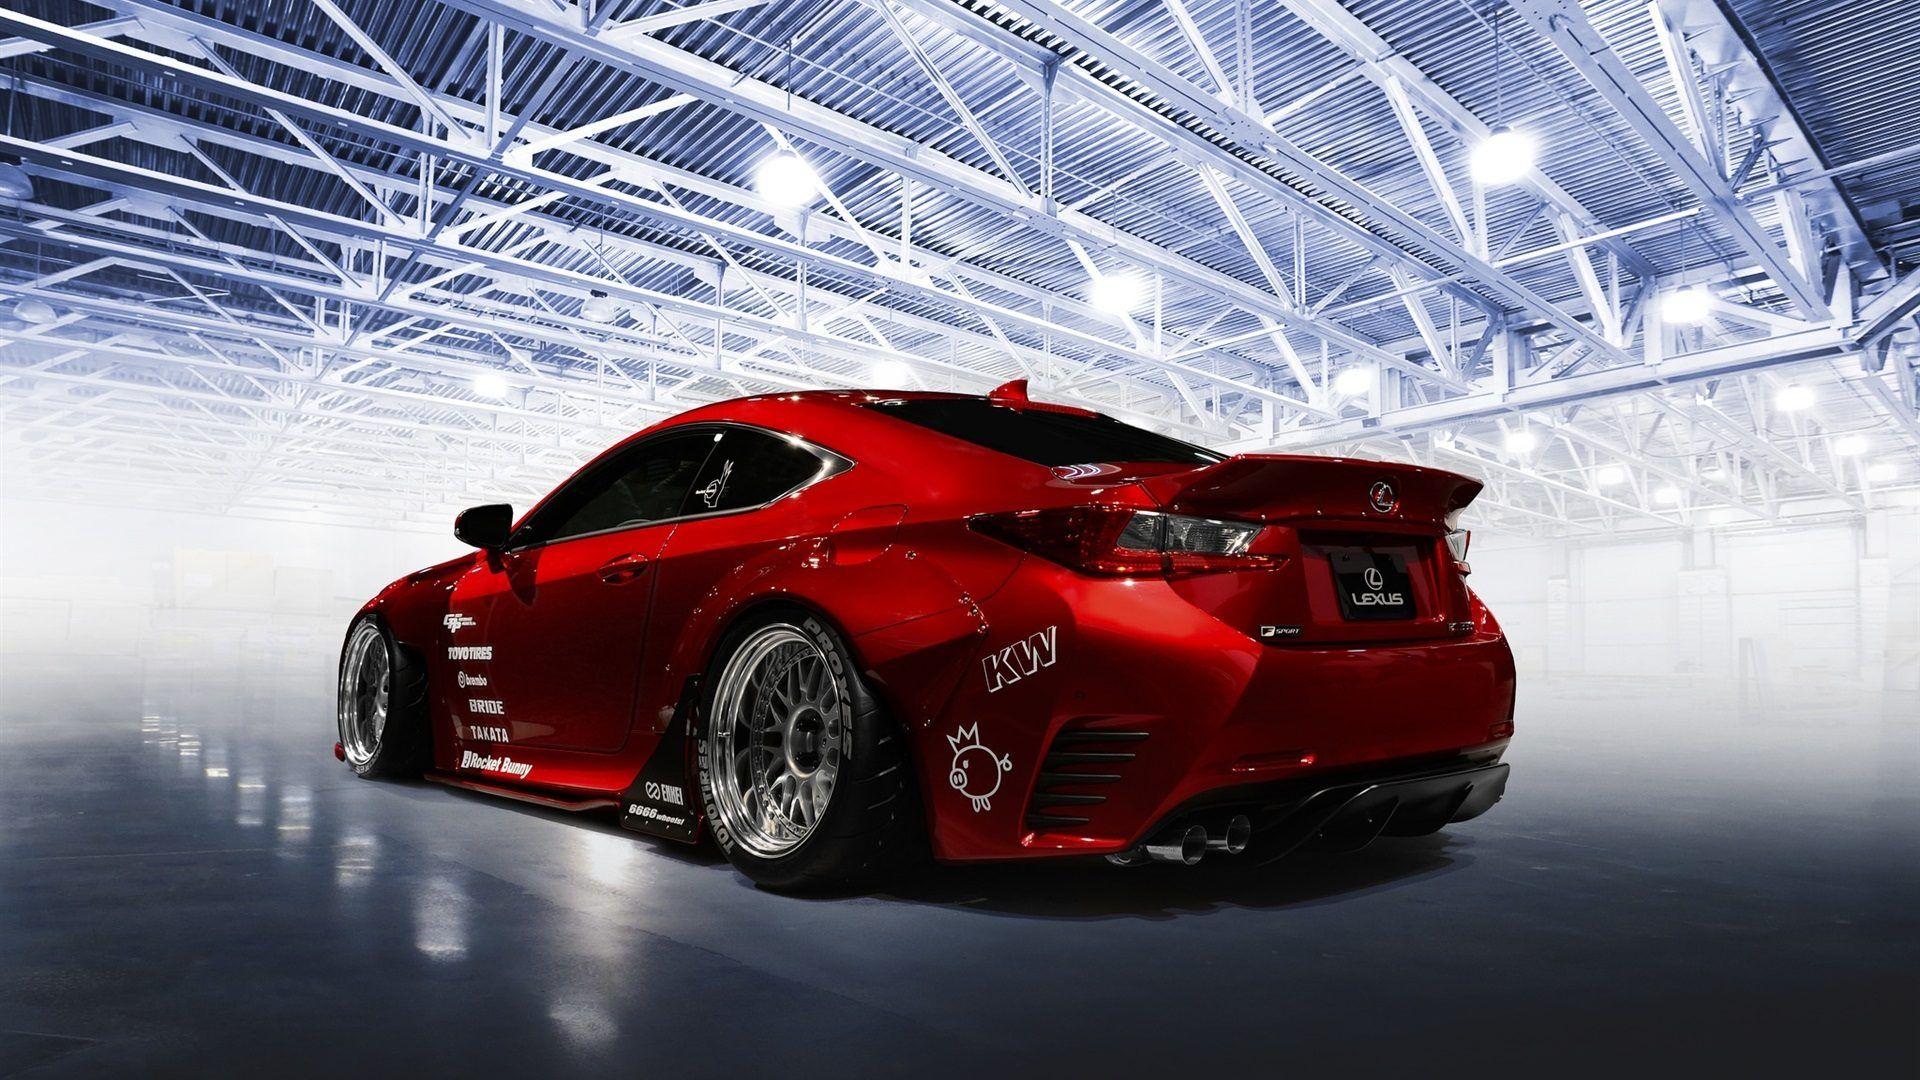 Lexus Gs F Sport Wallpaper Car Wallpapers New Lexus Lexus Car